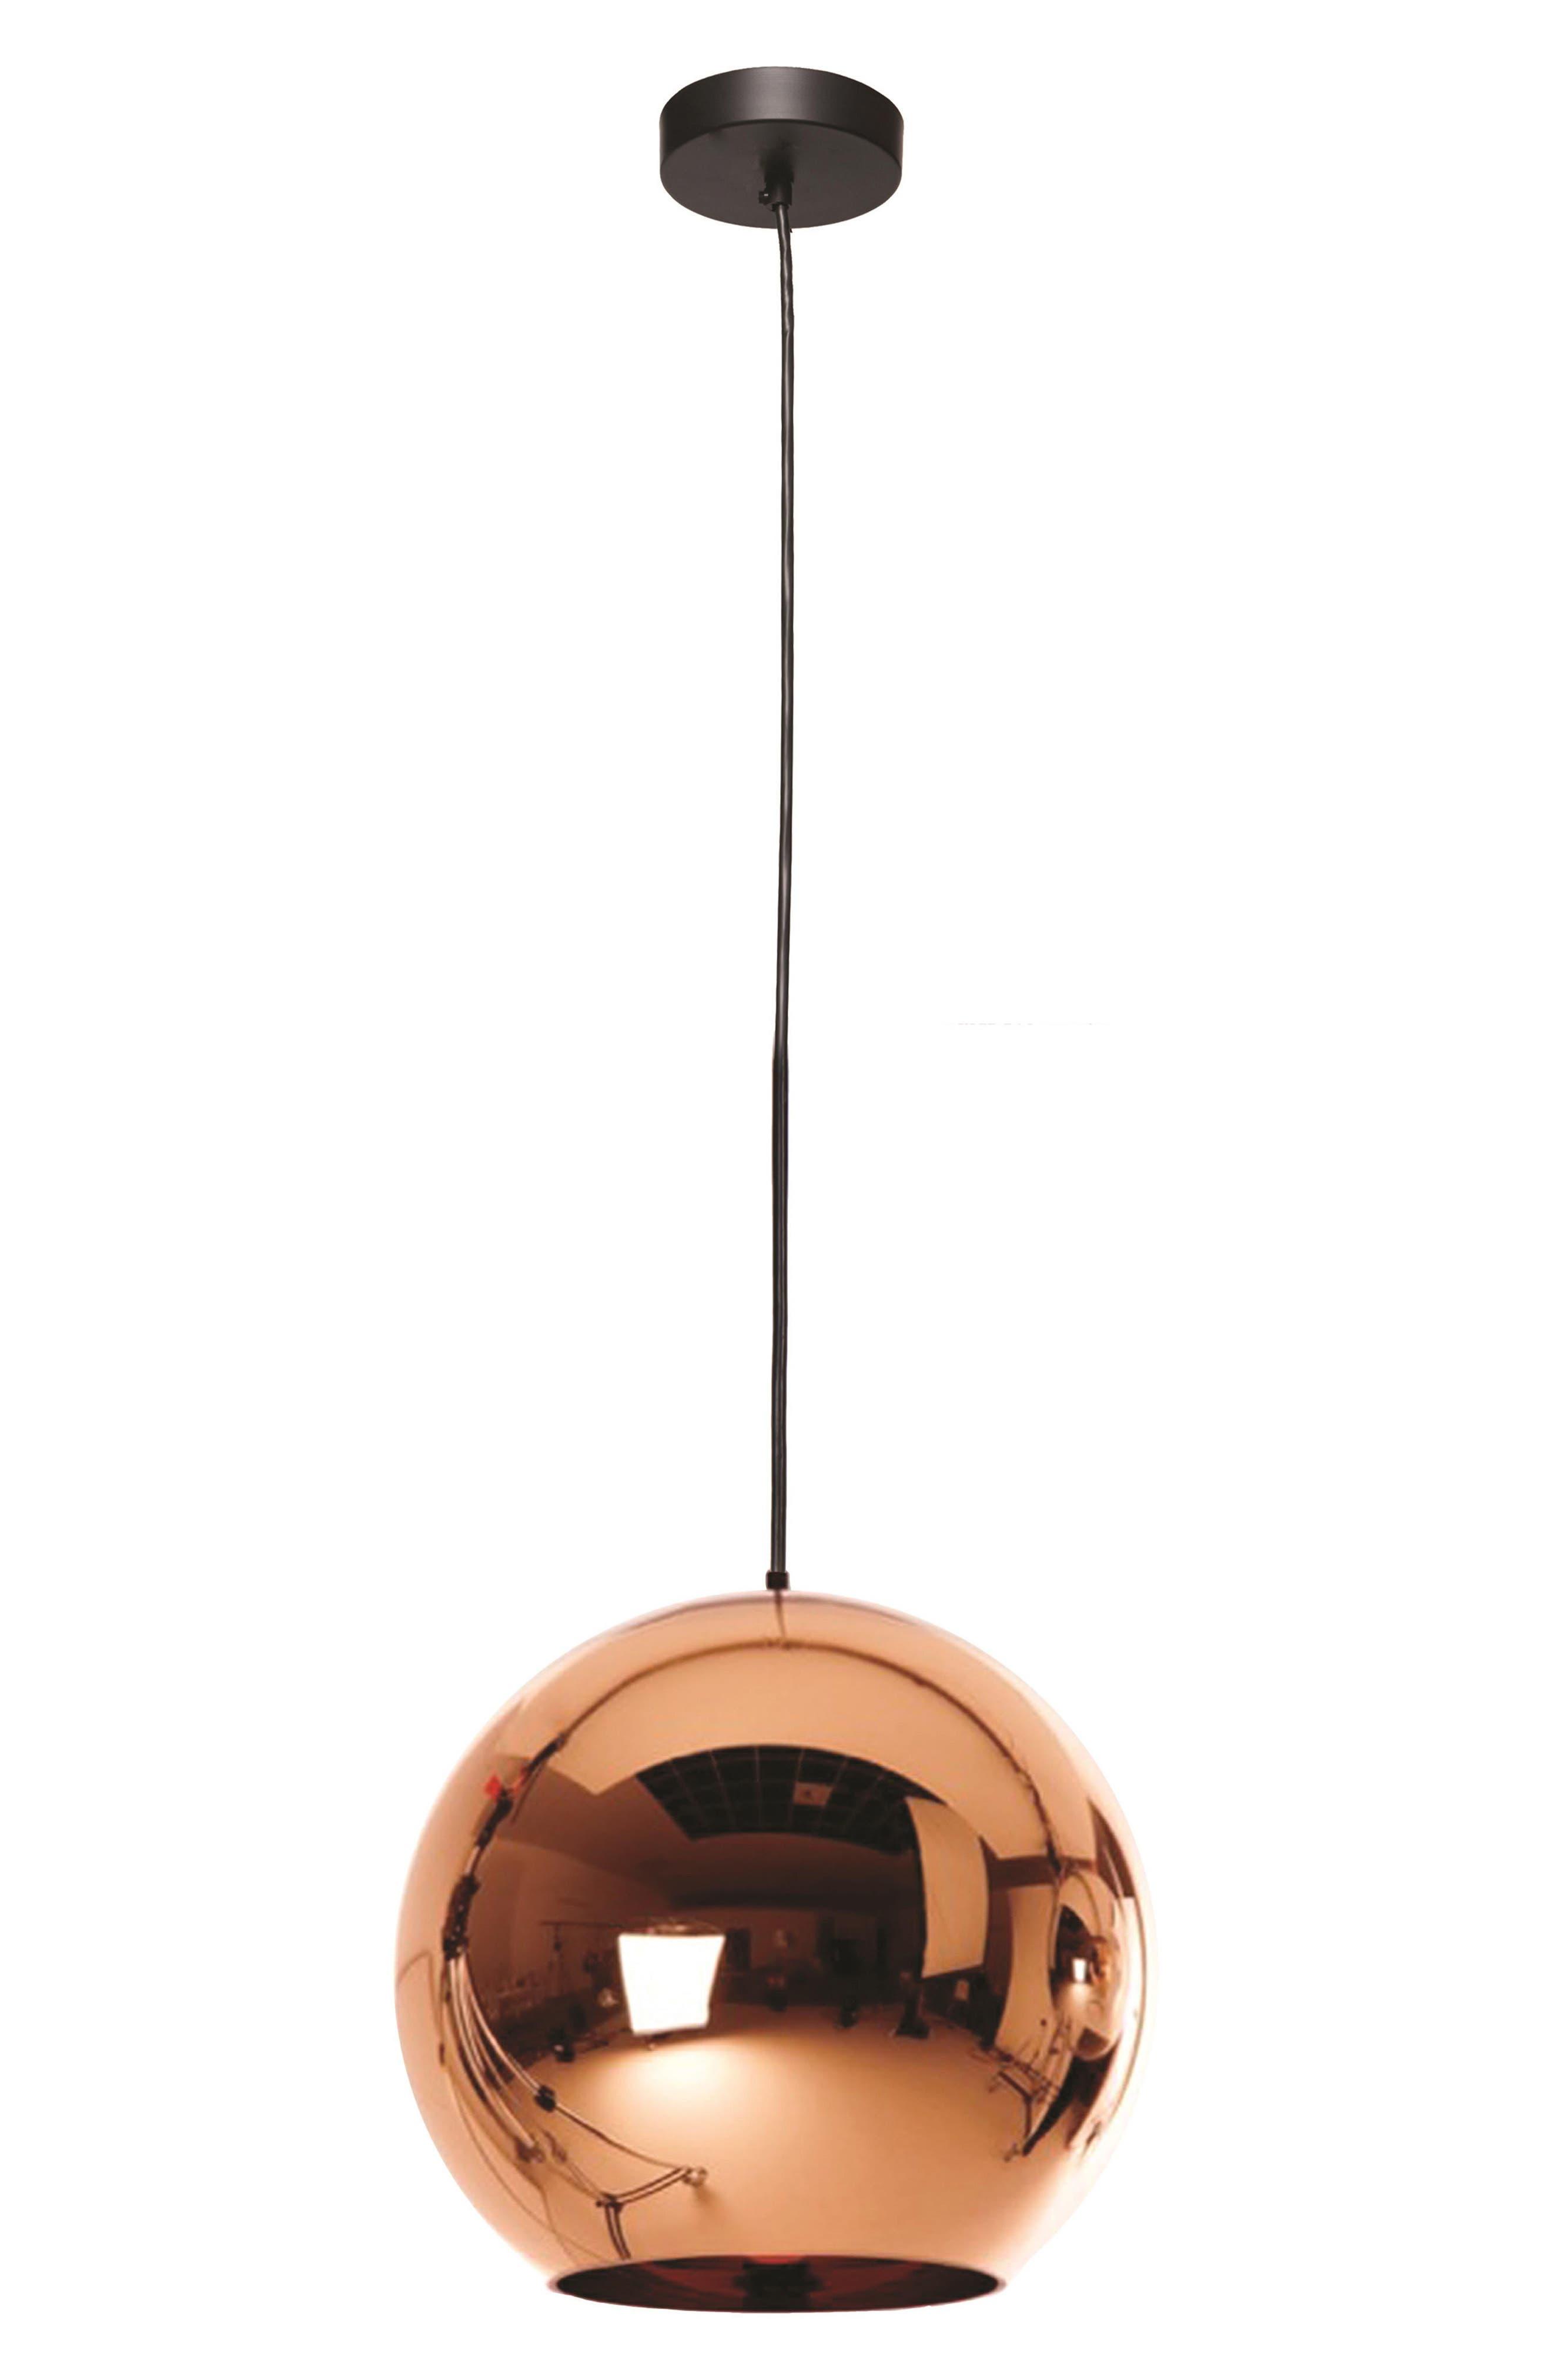 Copper Ceiling Light Fixture,                             Main thumbnail 1, color,                             COPPER